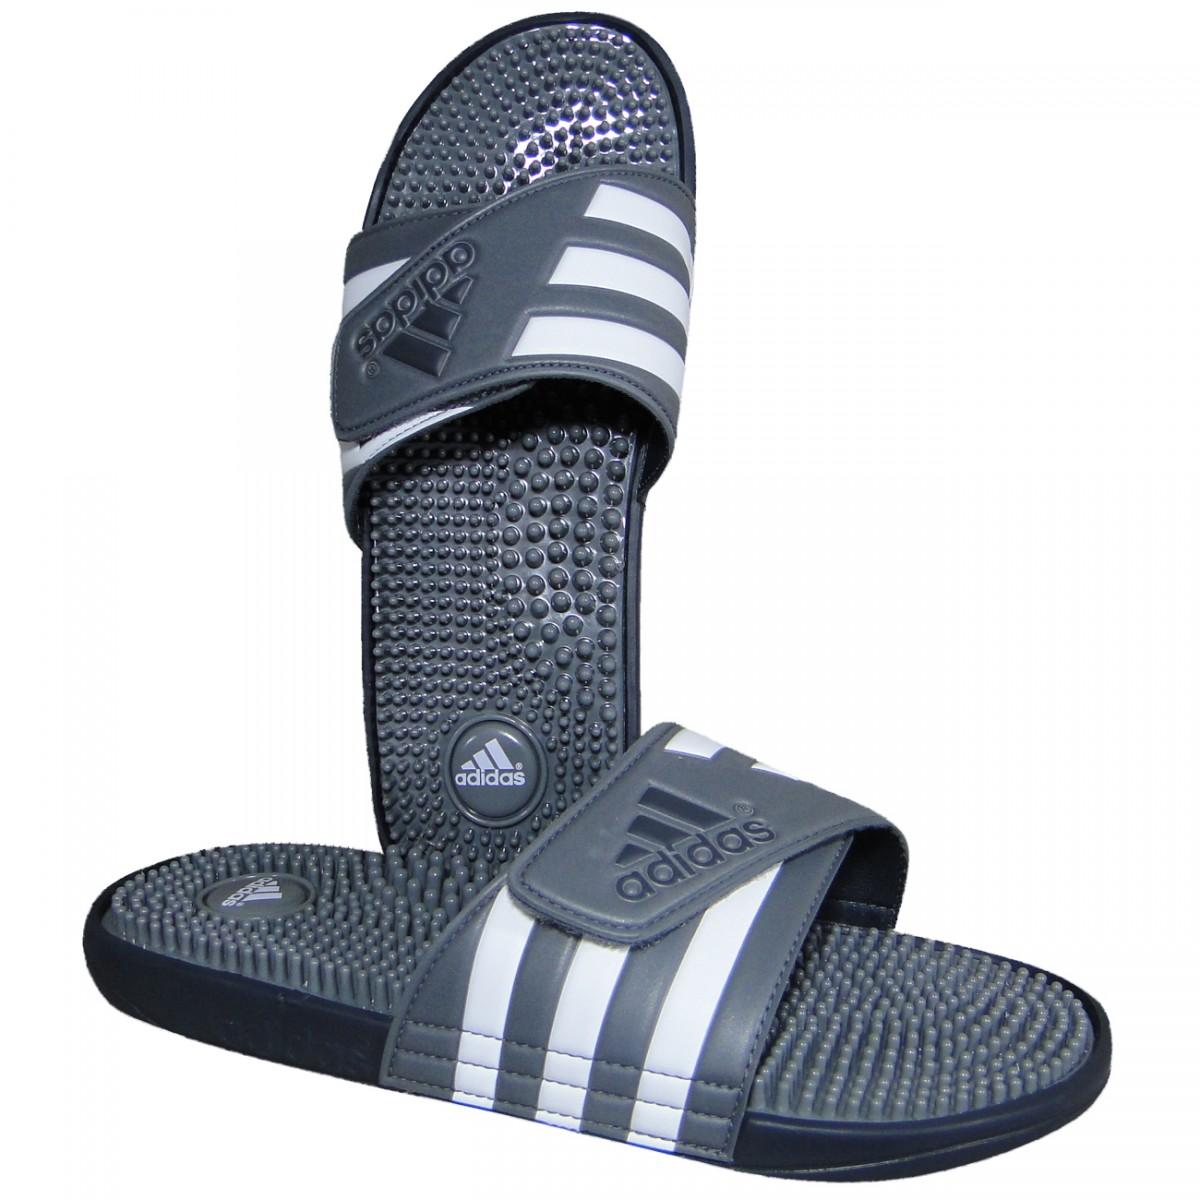 a876369fae2 Chinelo Adidas Adissage B23246 - Cinza Branco - Chuteira Nike ...